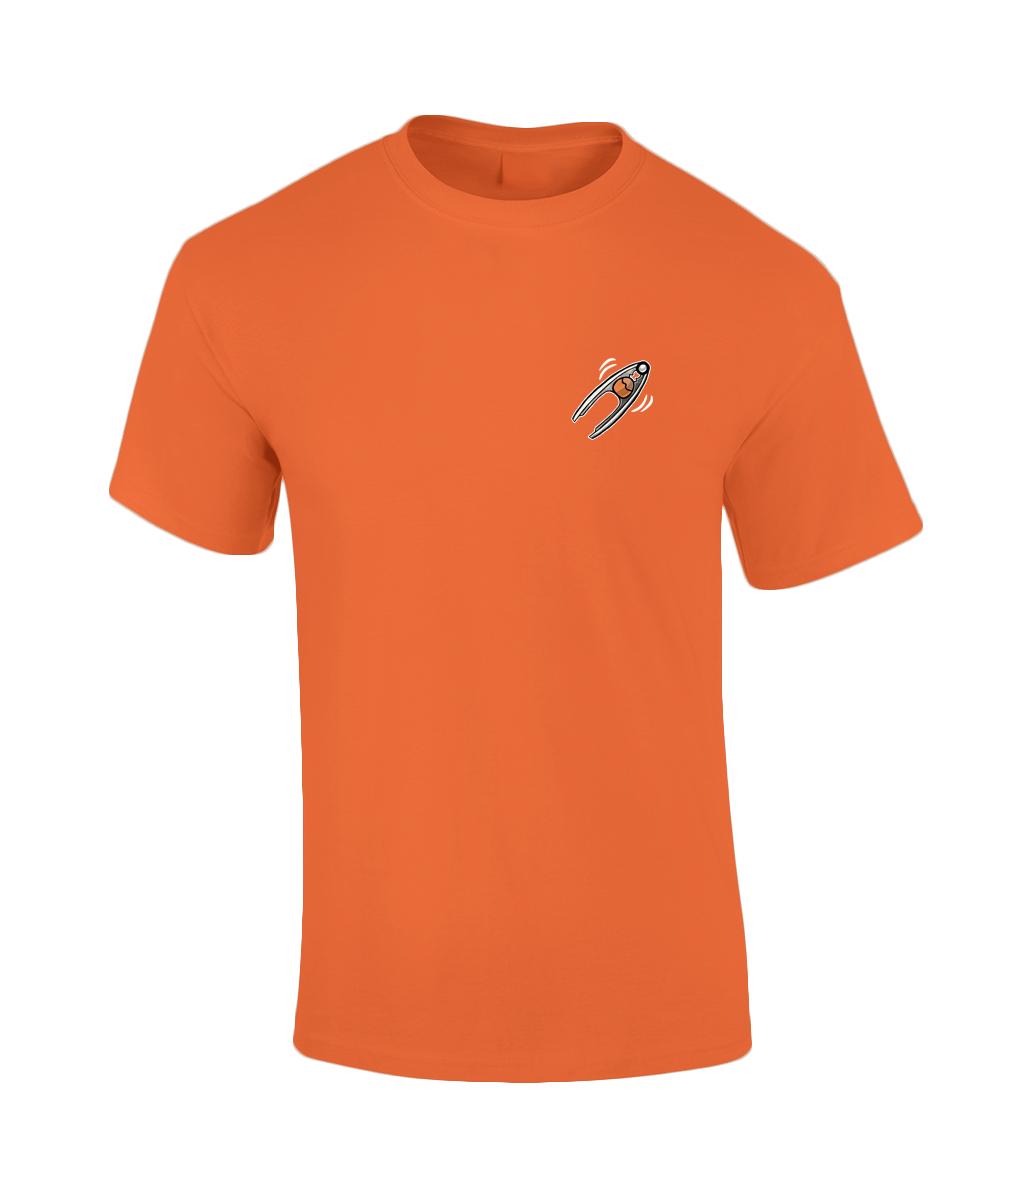 NutCracker-Unisex_T-Shirt_Tangerine